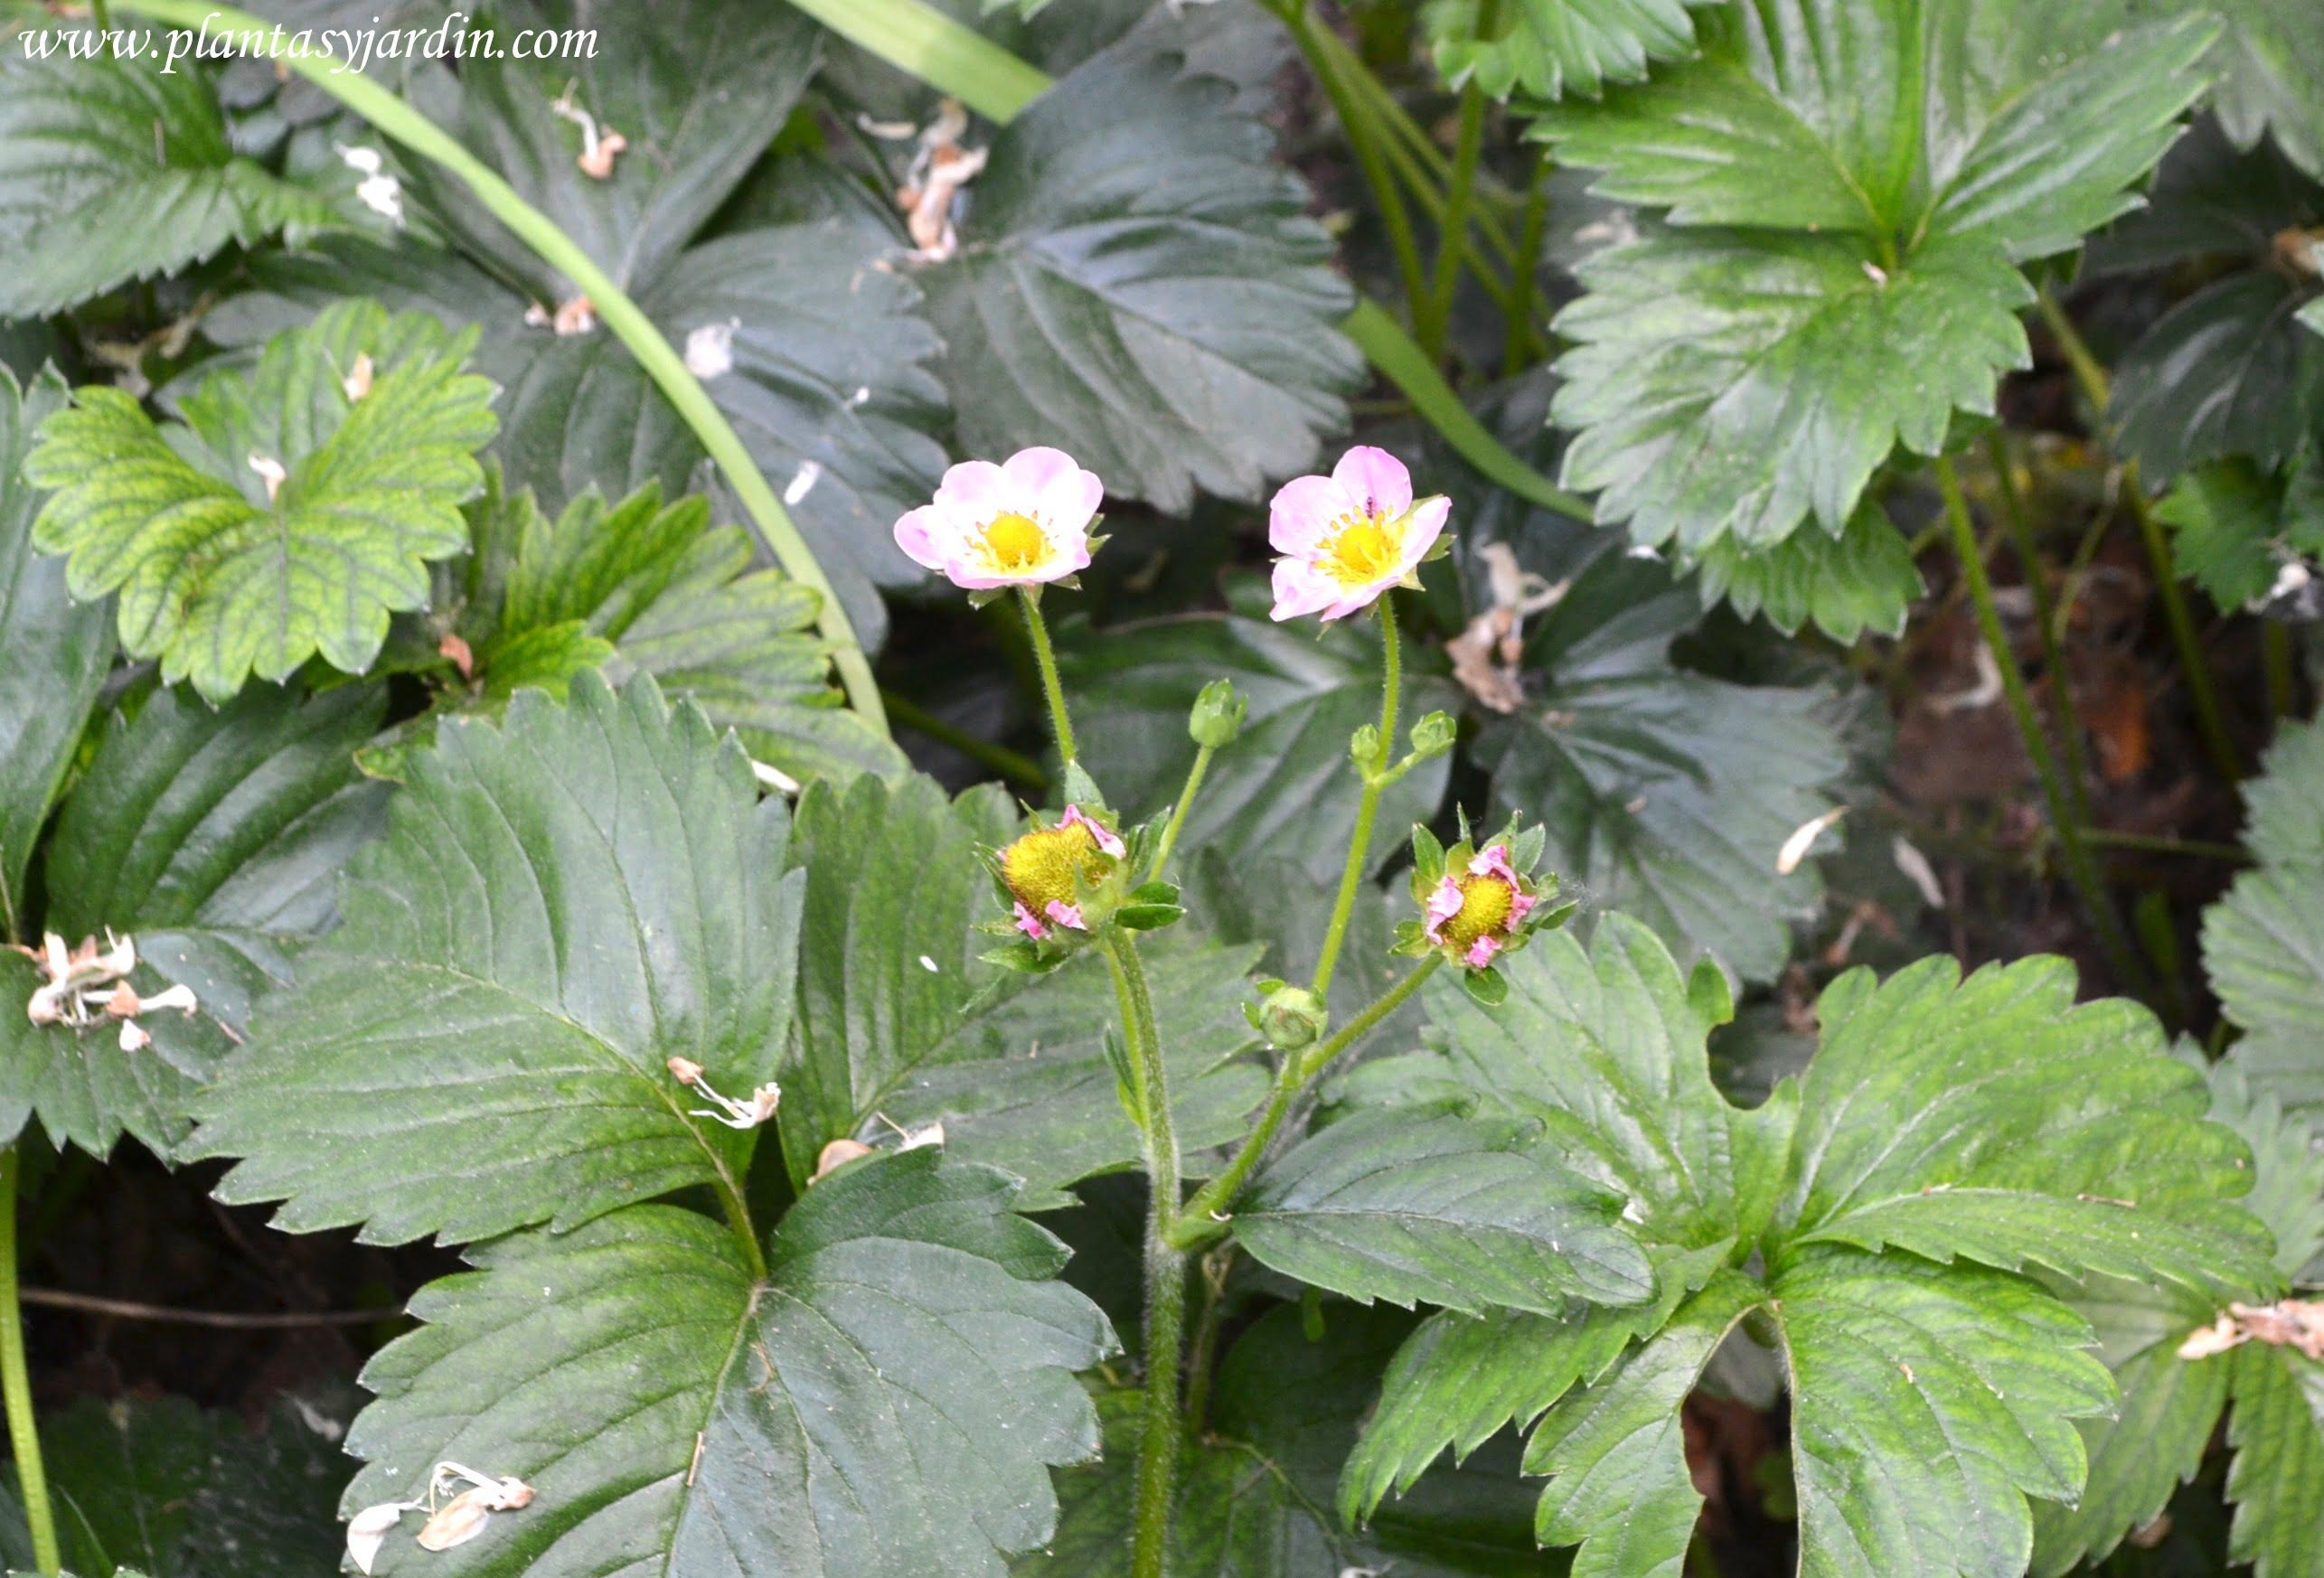 Fresa-Fragaria x ananassa, de florcitas rosas, con el fruto de la fresa en la planta.